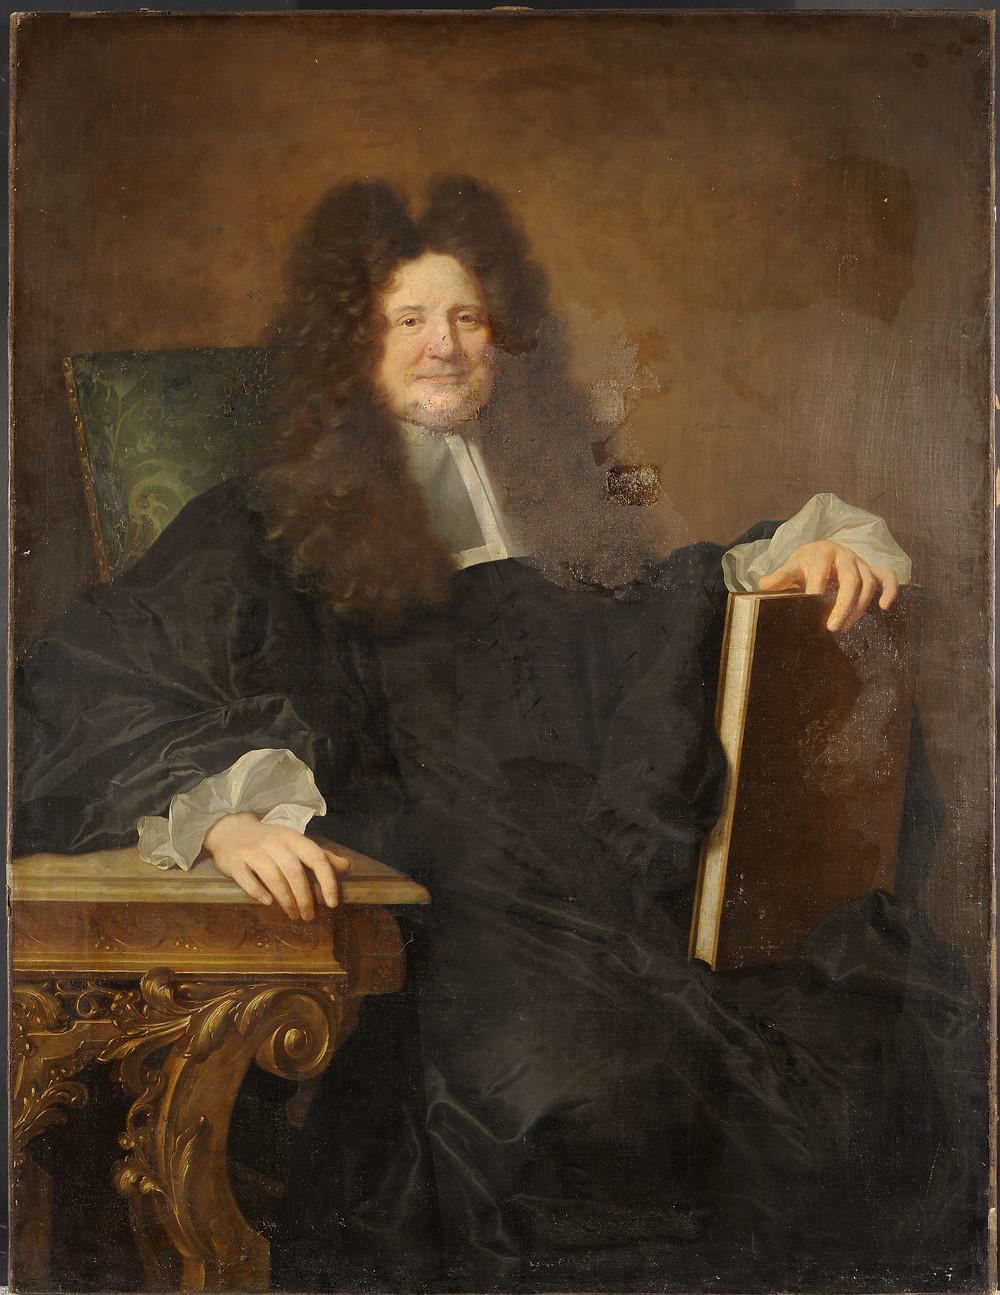 Hyacinthe Rigaud, Portrait présumé de François Secousse, vers 1696, Lyon, musée des Beaux-Arts, inv. A 2726